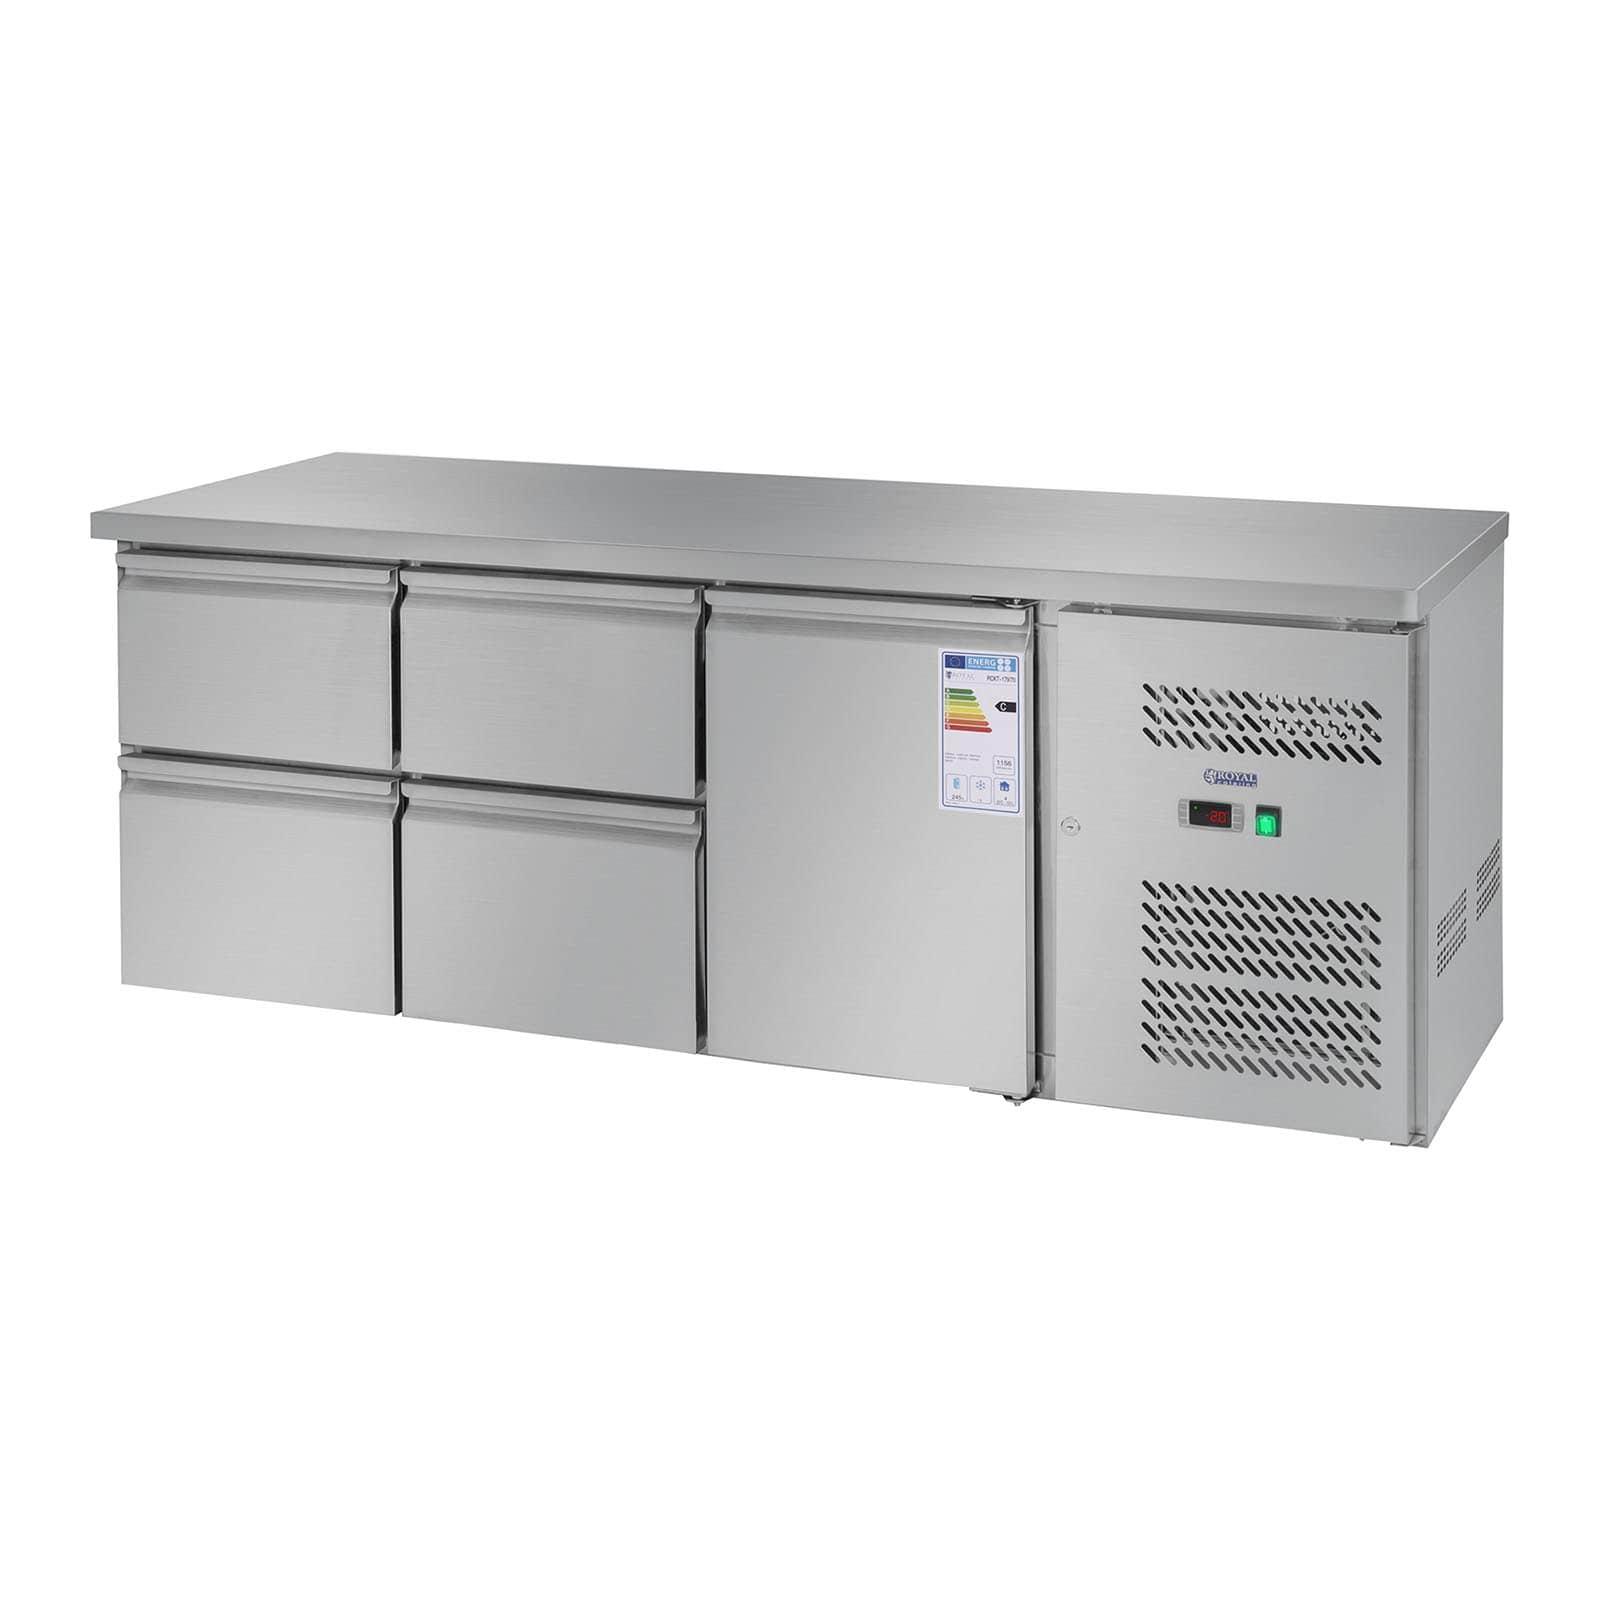 Mesas refrigeradas com circulação de ar